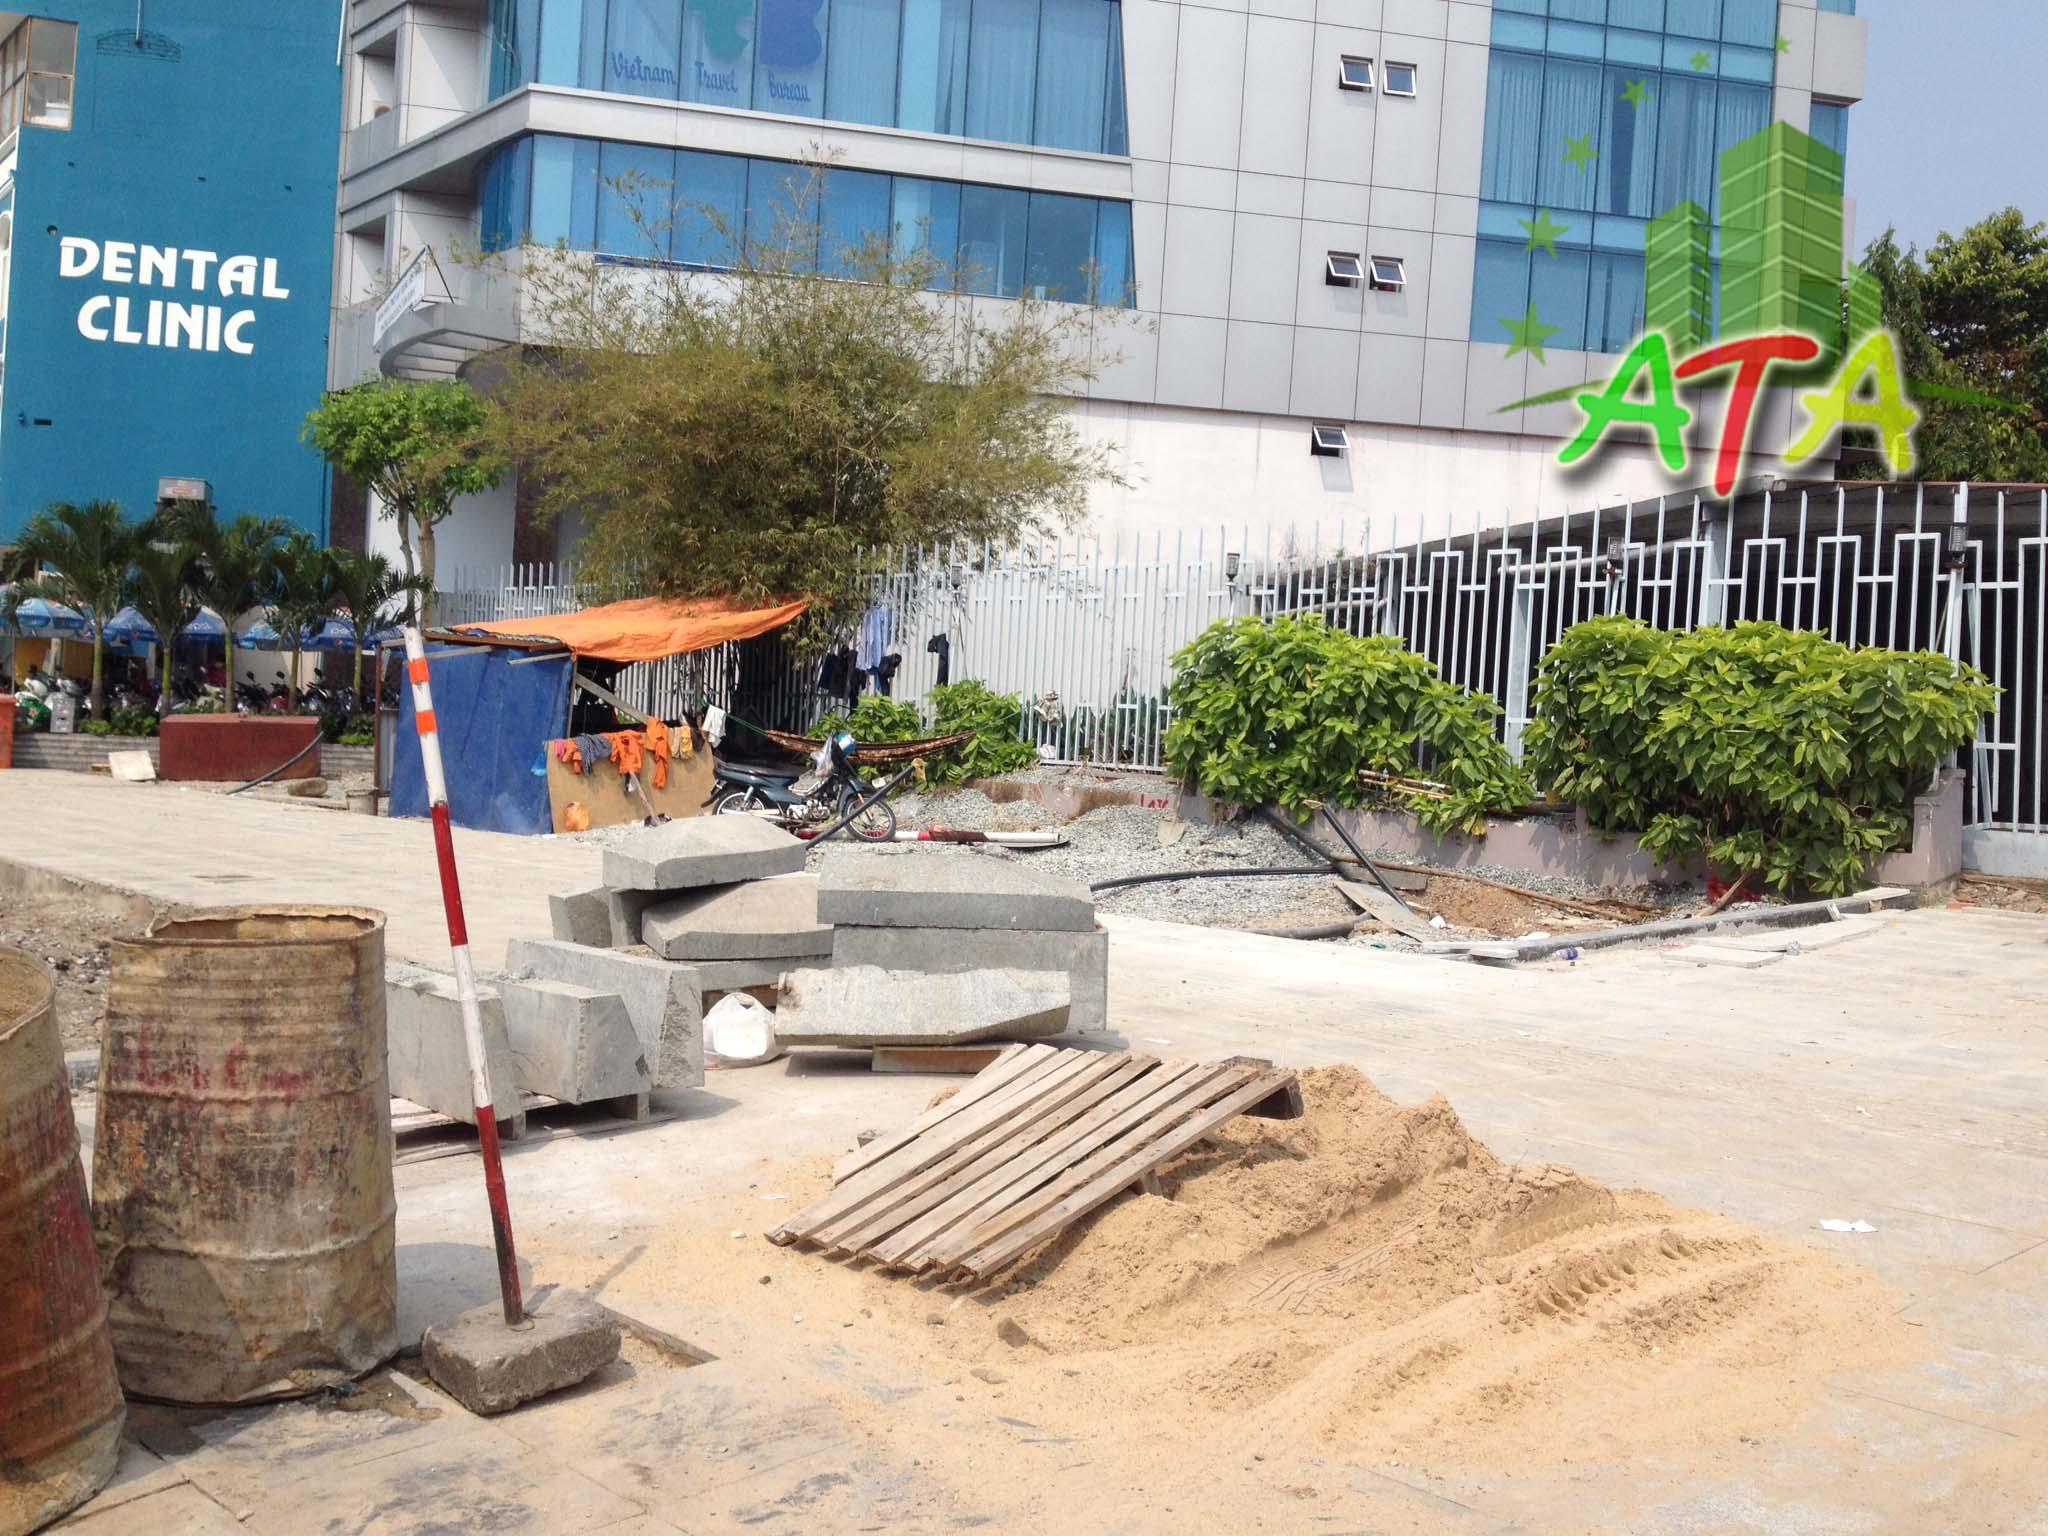 văn phòng cho thuê quận Tân Bình, tòa nhà văn phòng và khu phức hợp cho thuê ngay đường Trần Quốc Hoàn, Tân Bình